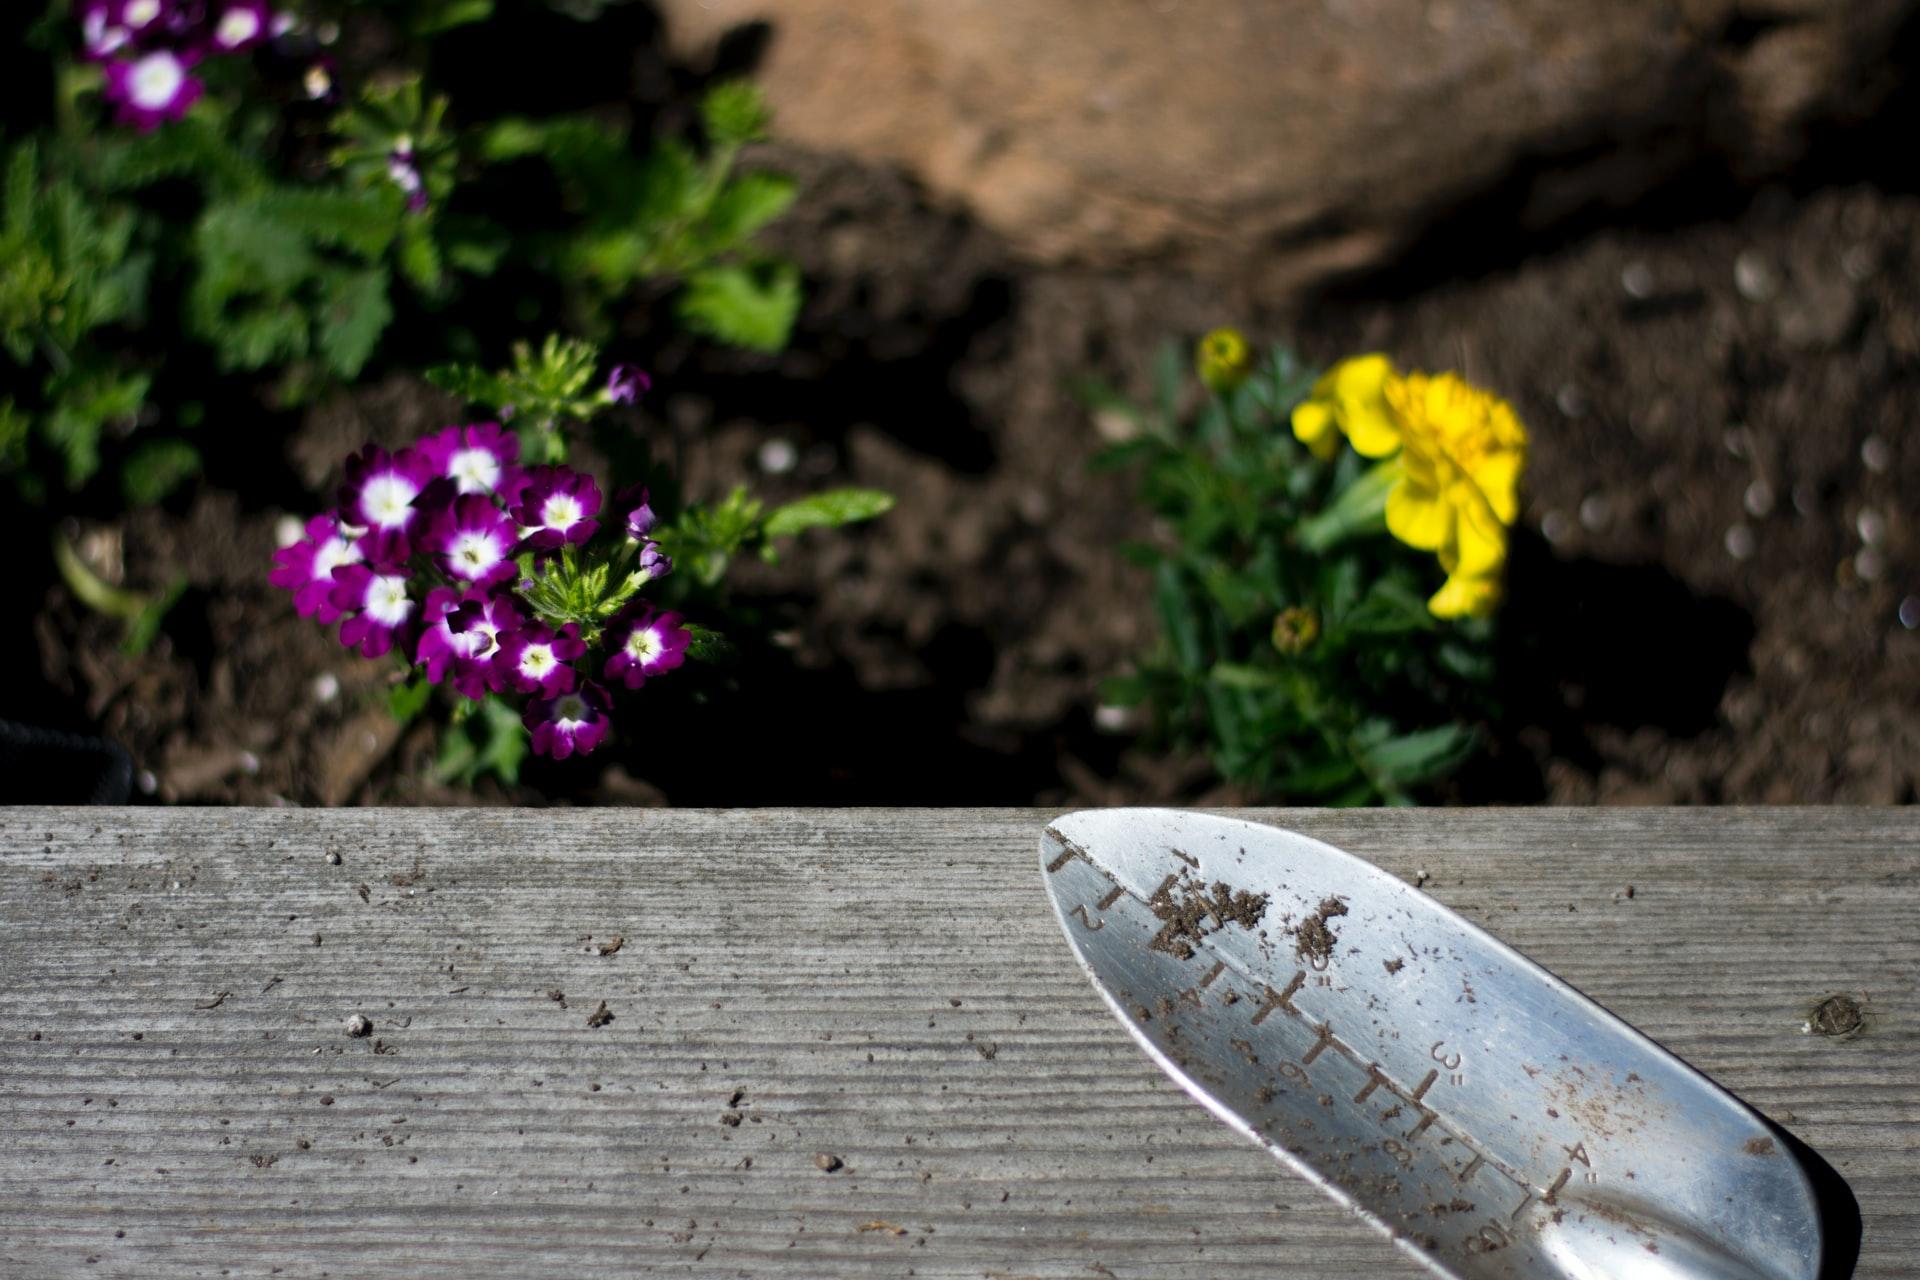 Kysy taloyhtiöstä: Voiko taloyhtiön pihaan kylvää kukkien siemeniä tai istuttaa taimia oma-aloitteisesti?